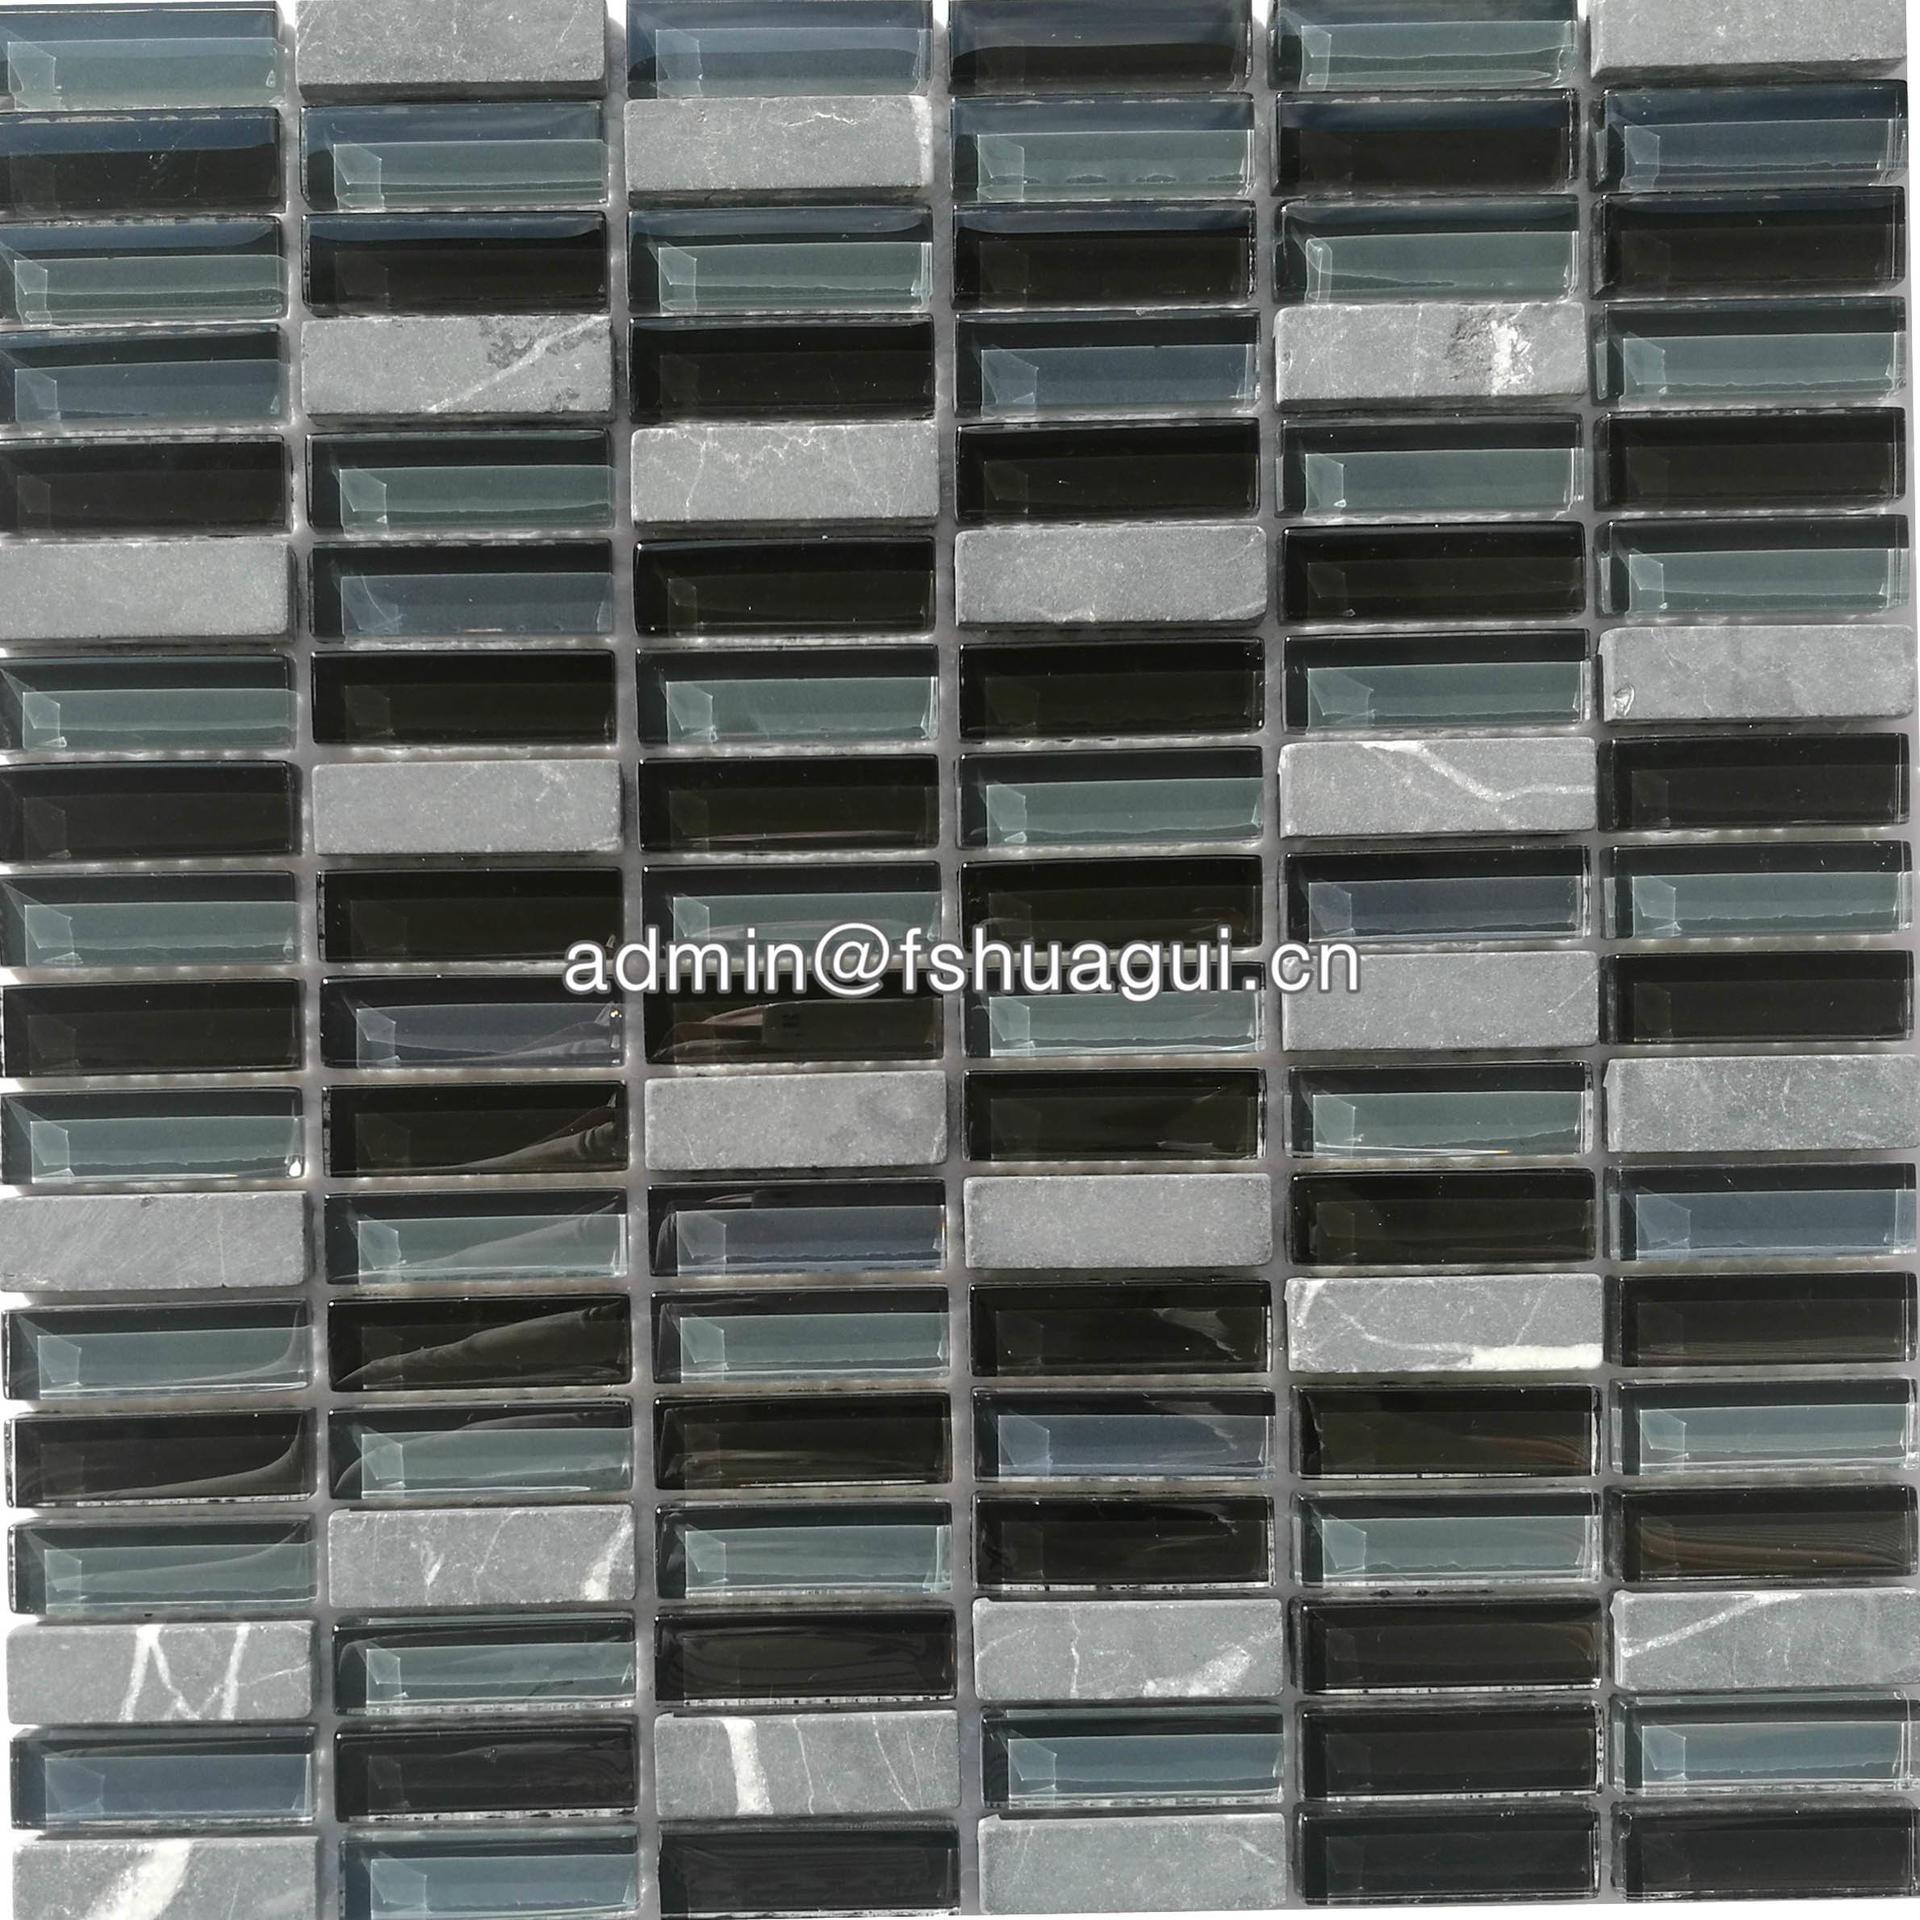 Brick hot selling glossy & matte grey stone mixed black glass mosaic backsplash idea